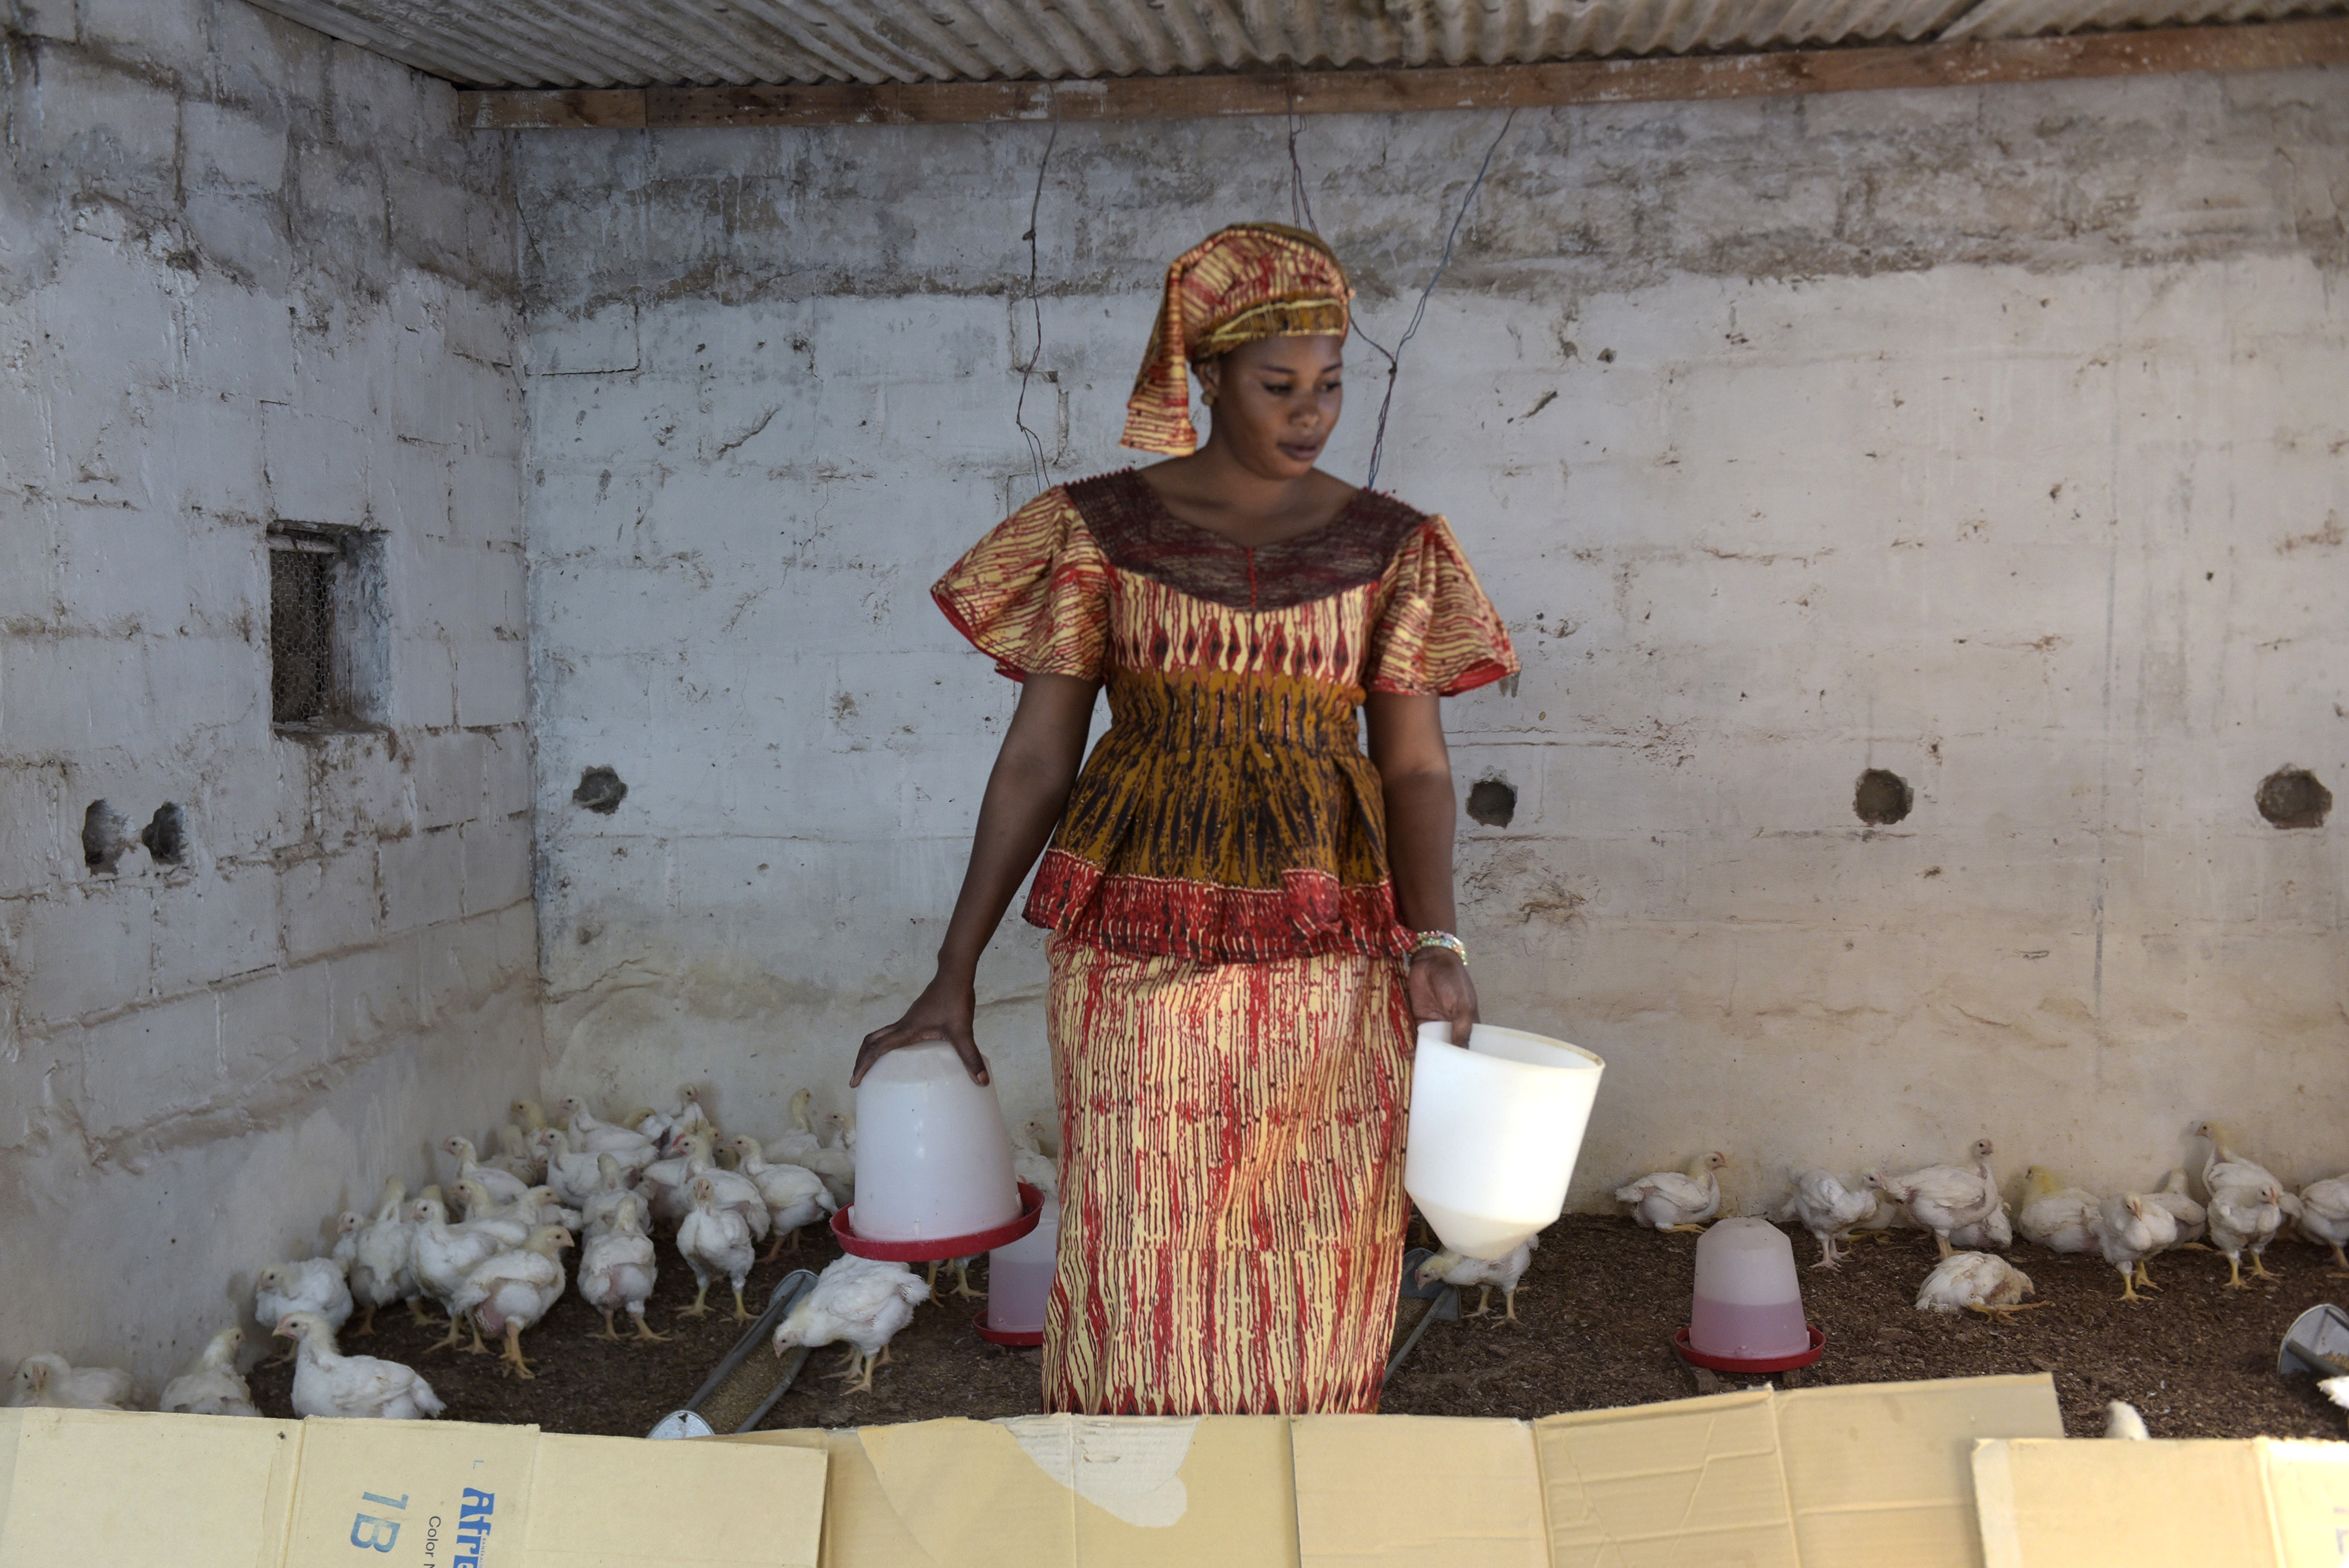 نديي بويي، استفادة من صناديق التعاضد ما سمح لها بالاستثمار في مزرعتها للدواجن